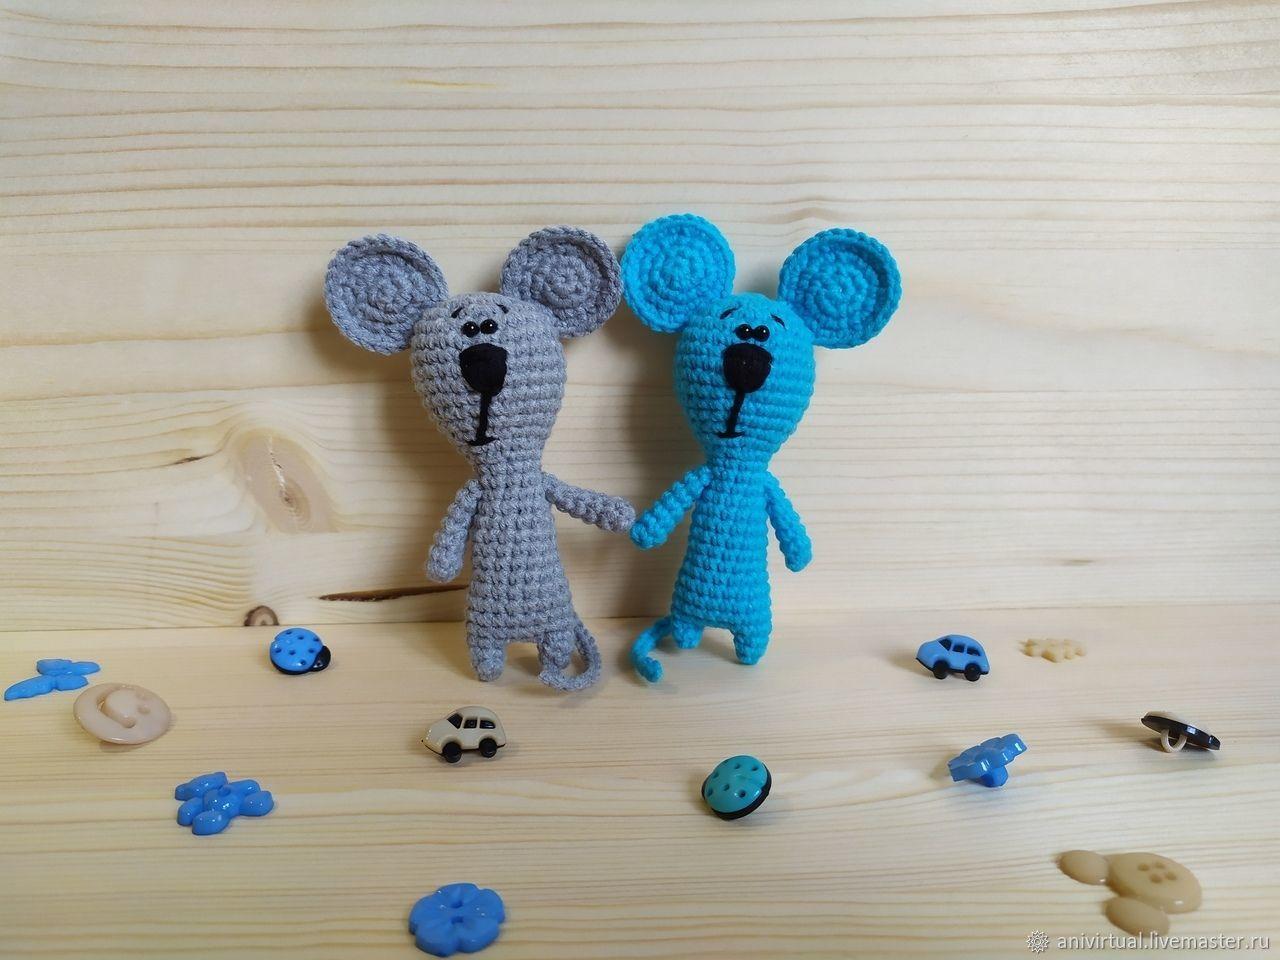 Мыши курносики (крыса), Мягкие игрушки, Челябинск,  Фото №1